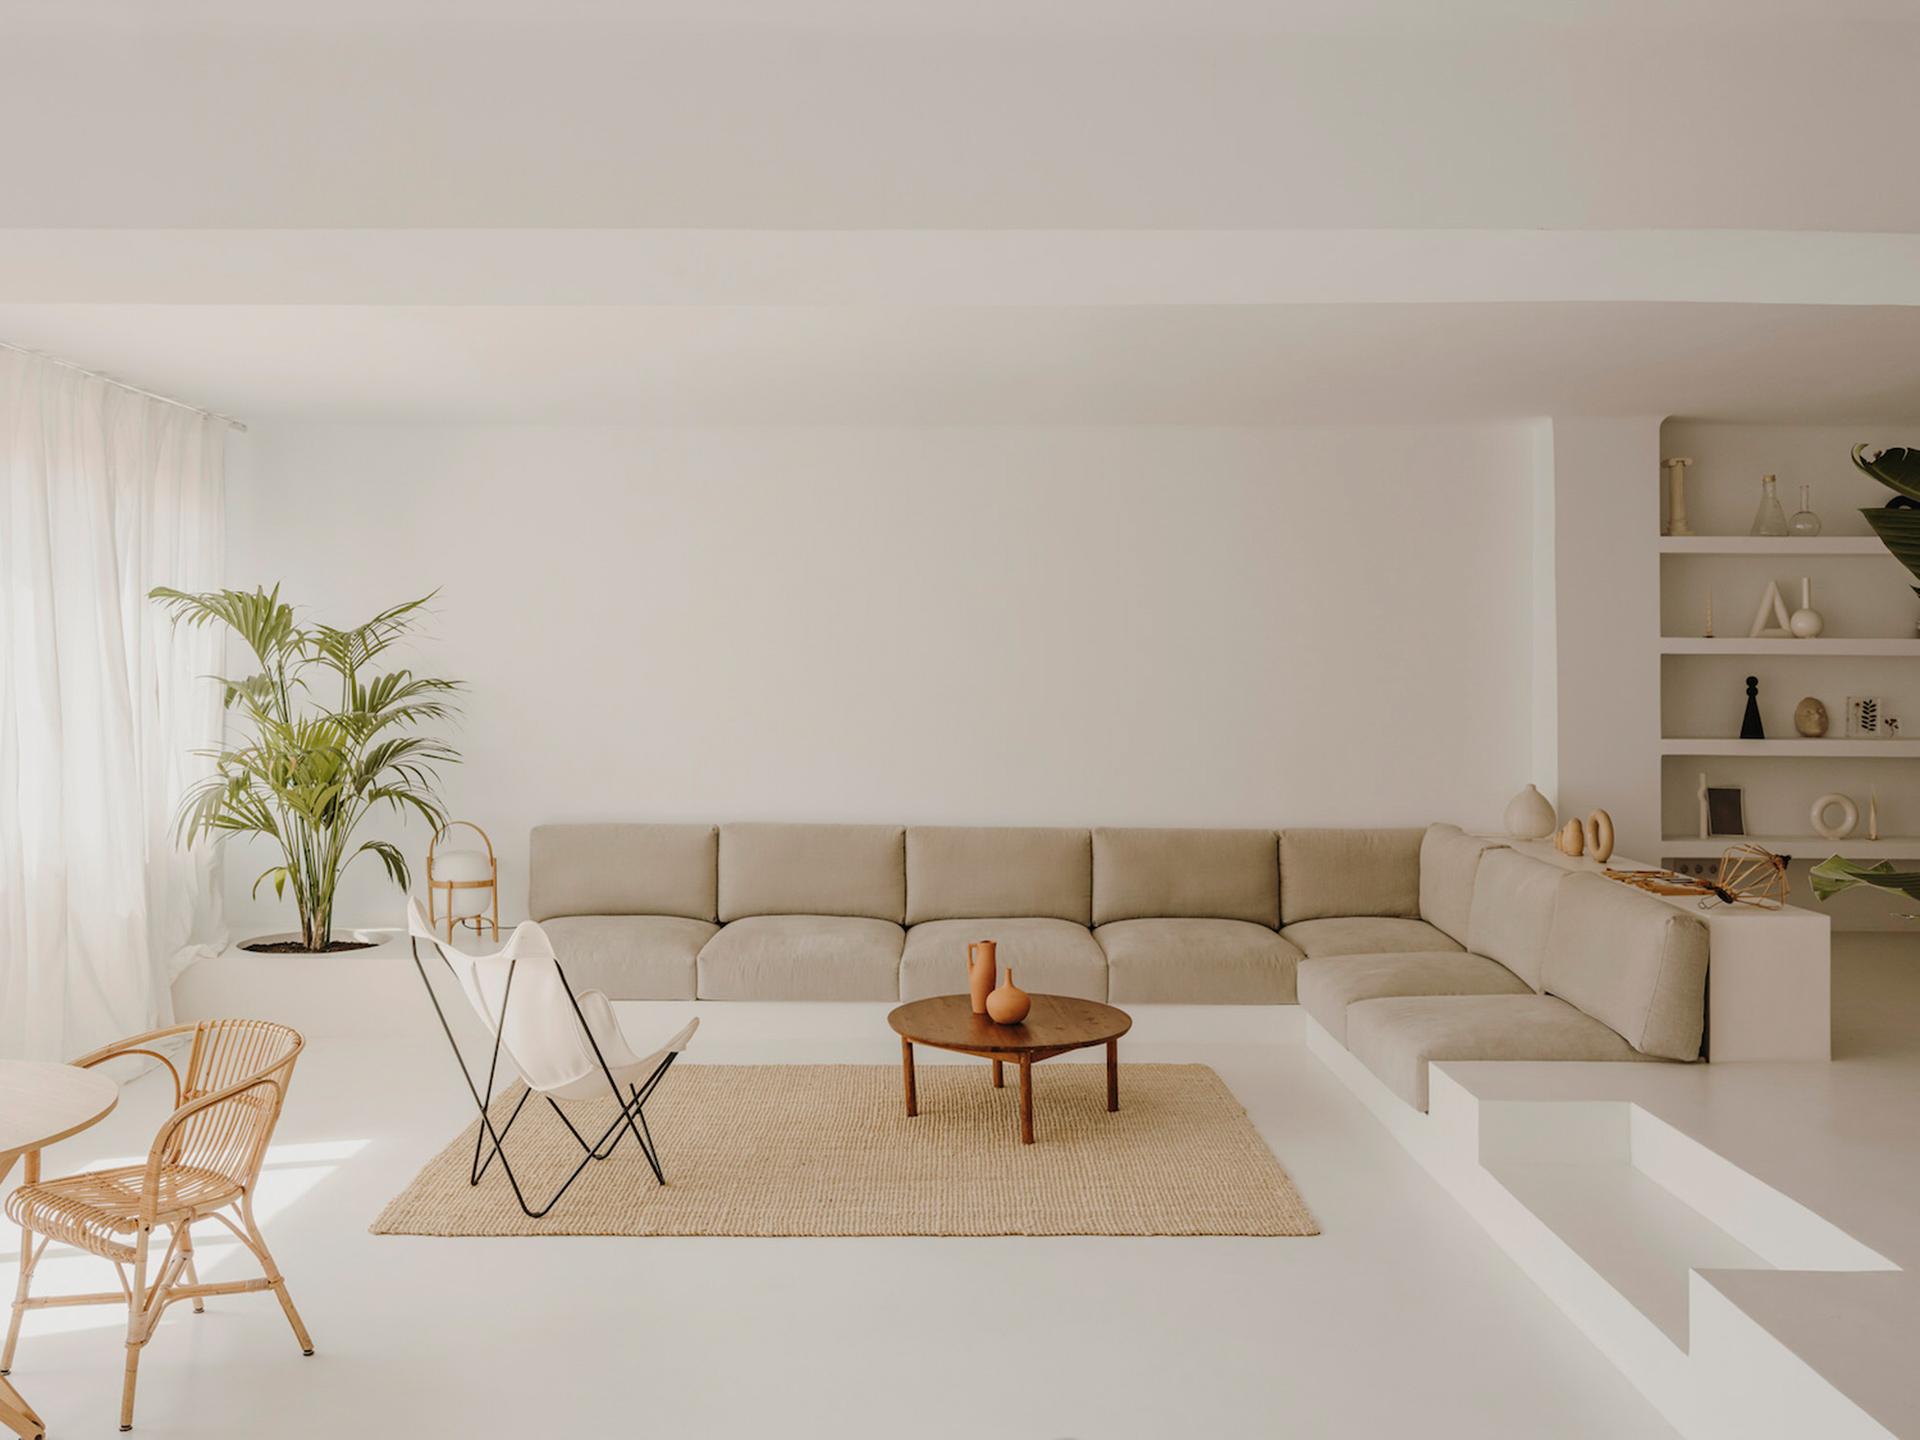 Квартира дизайнеров Изерна Серра и Валерии Васи в Барселоне